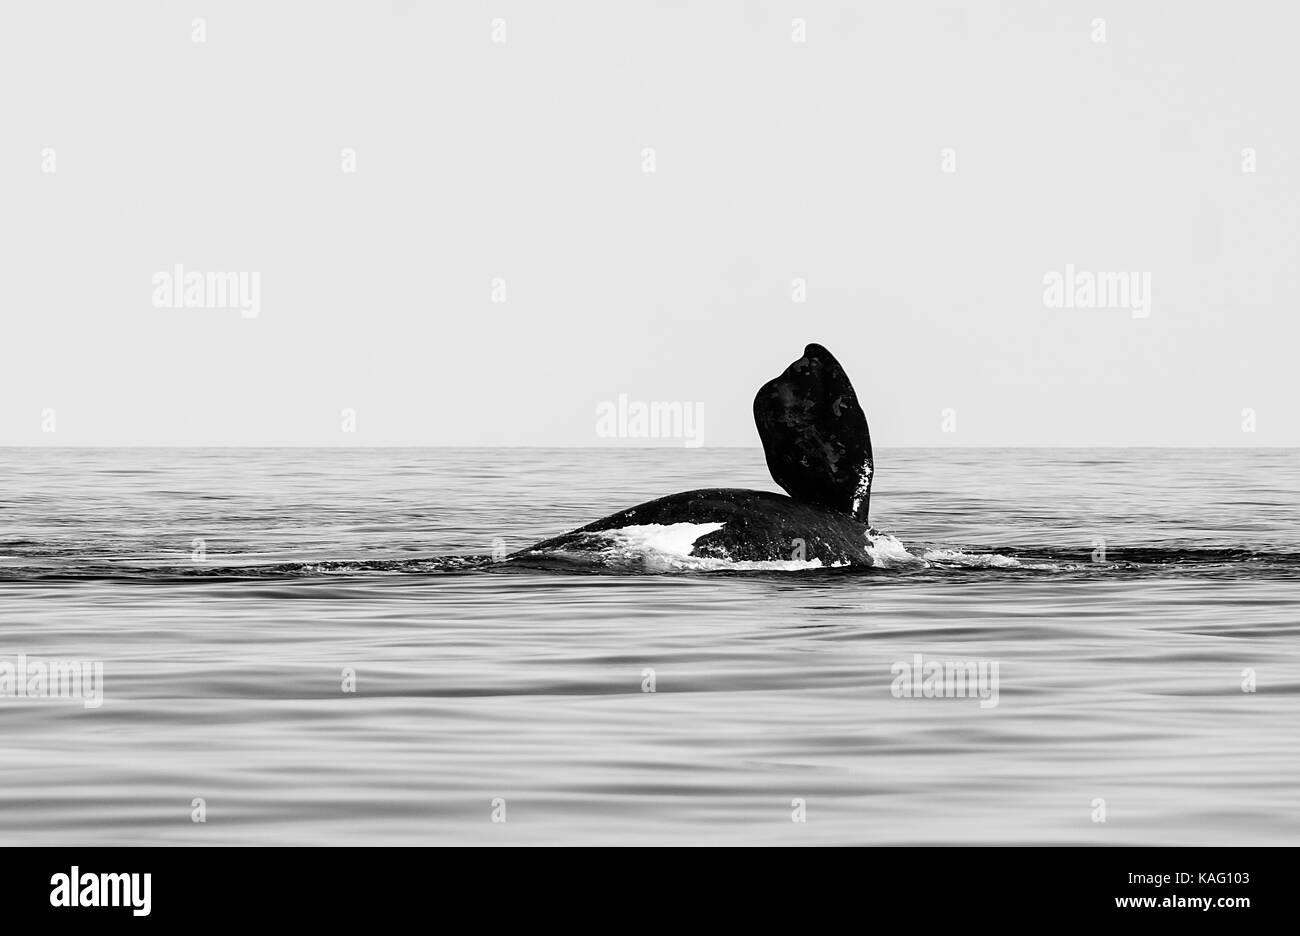 Ballena franca austral jugando en la superficie con su aleta pectoral fuera del agua, Península Valdés, Patagonia, Argentina. Foto de stock